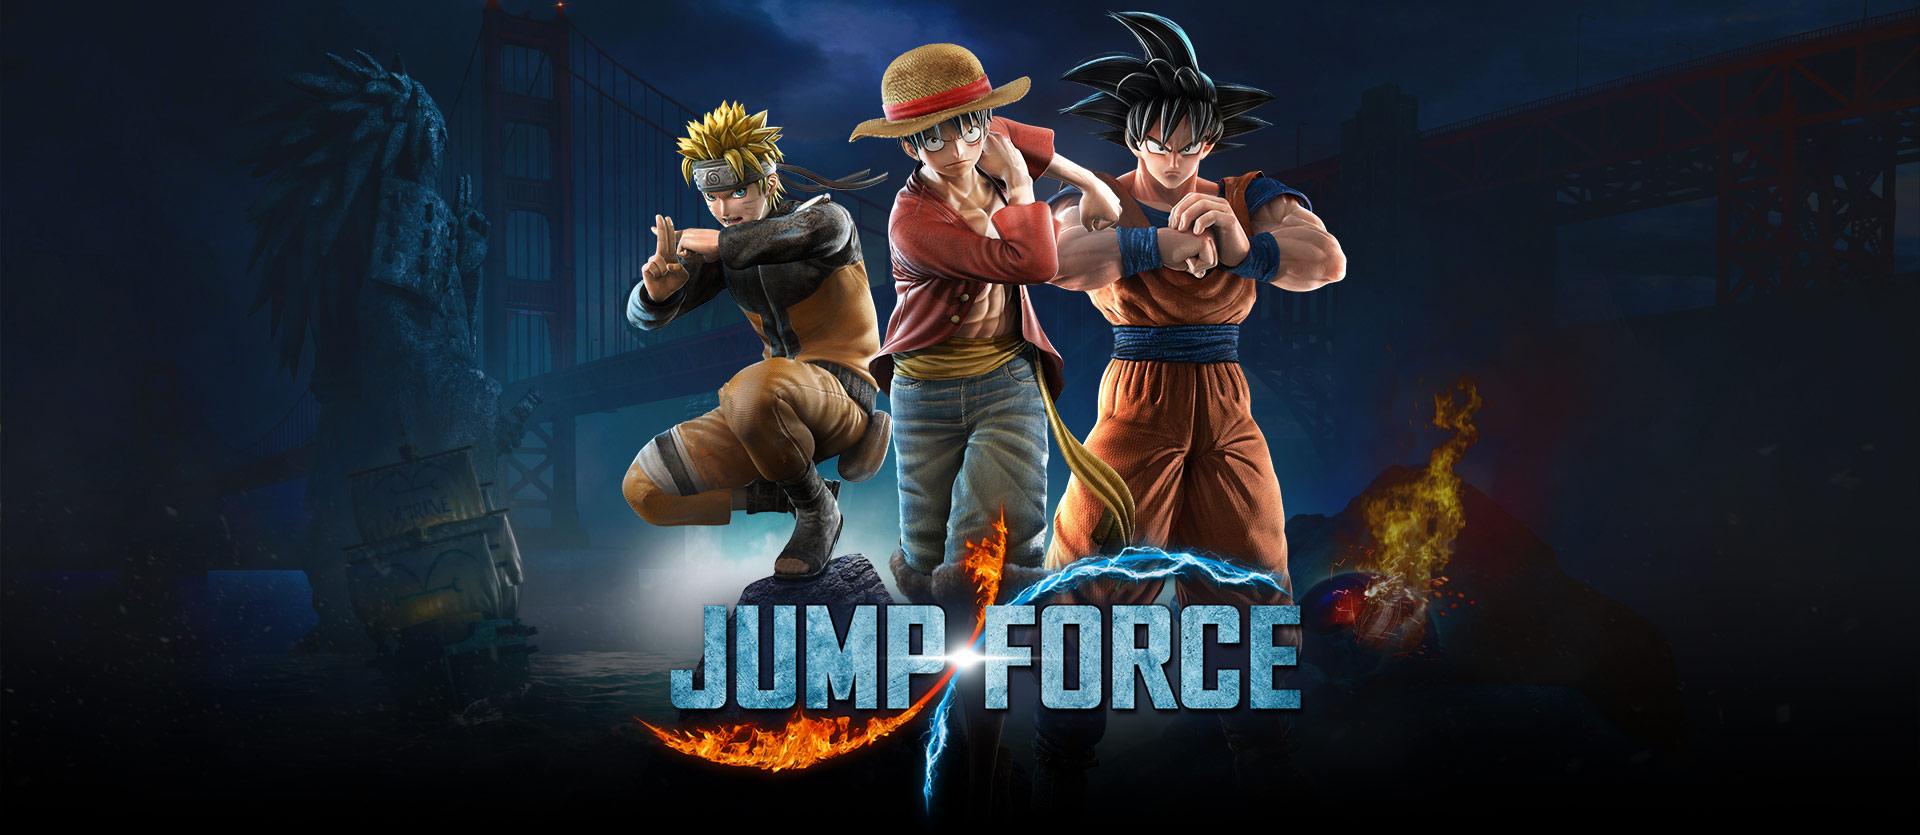 Liberado novo trailer da história de Jump Force